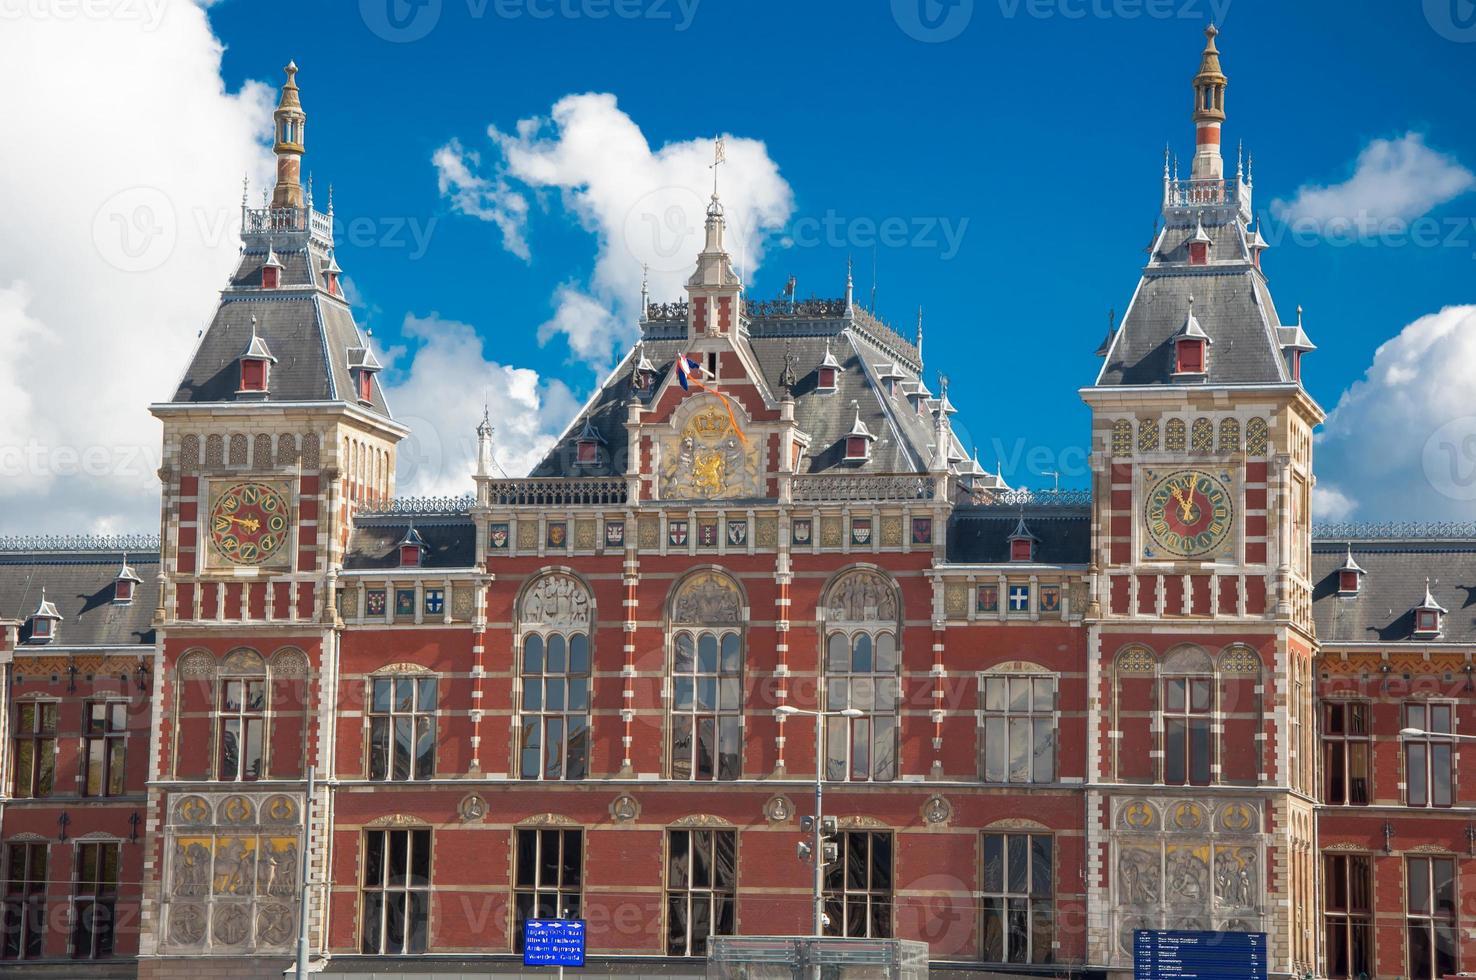 fachada da estação central de amsterdã em dia ensolarado, países baixos. foto